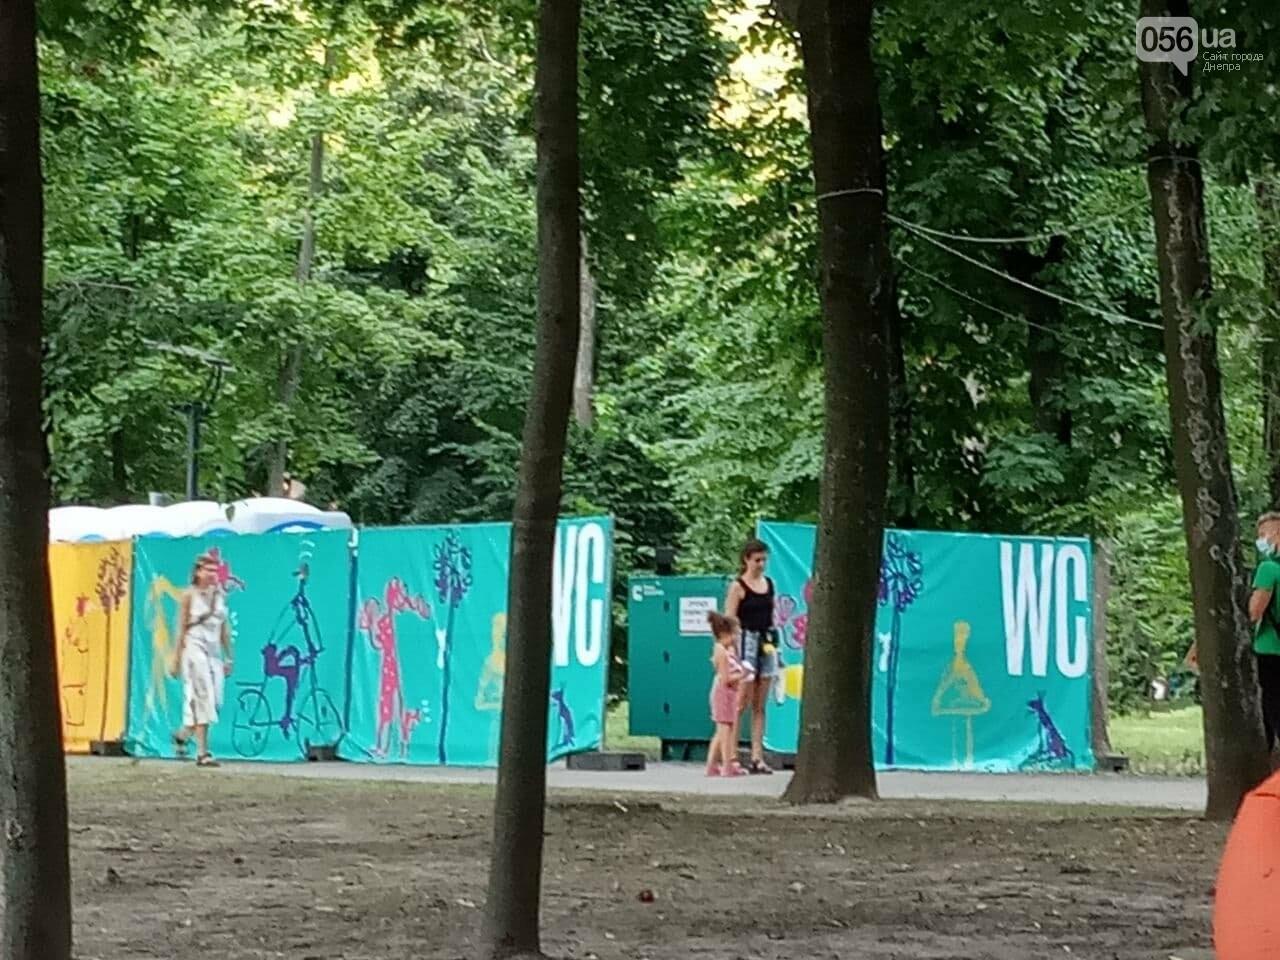 В Днепре по всей территории парка Шевченко звучит музыка нон-стоп, - ФОТО, ВИДЕО, фото-16